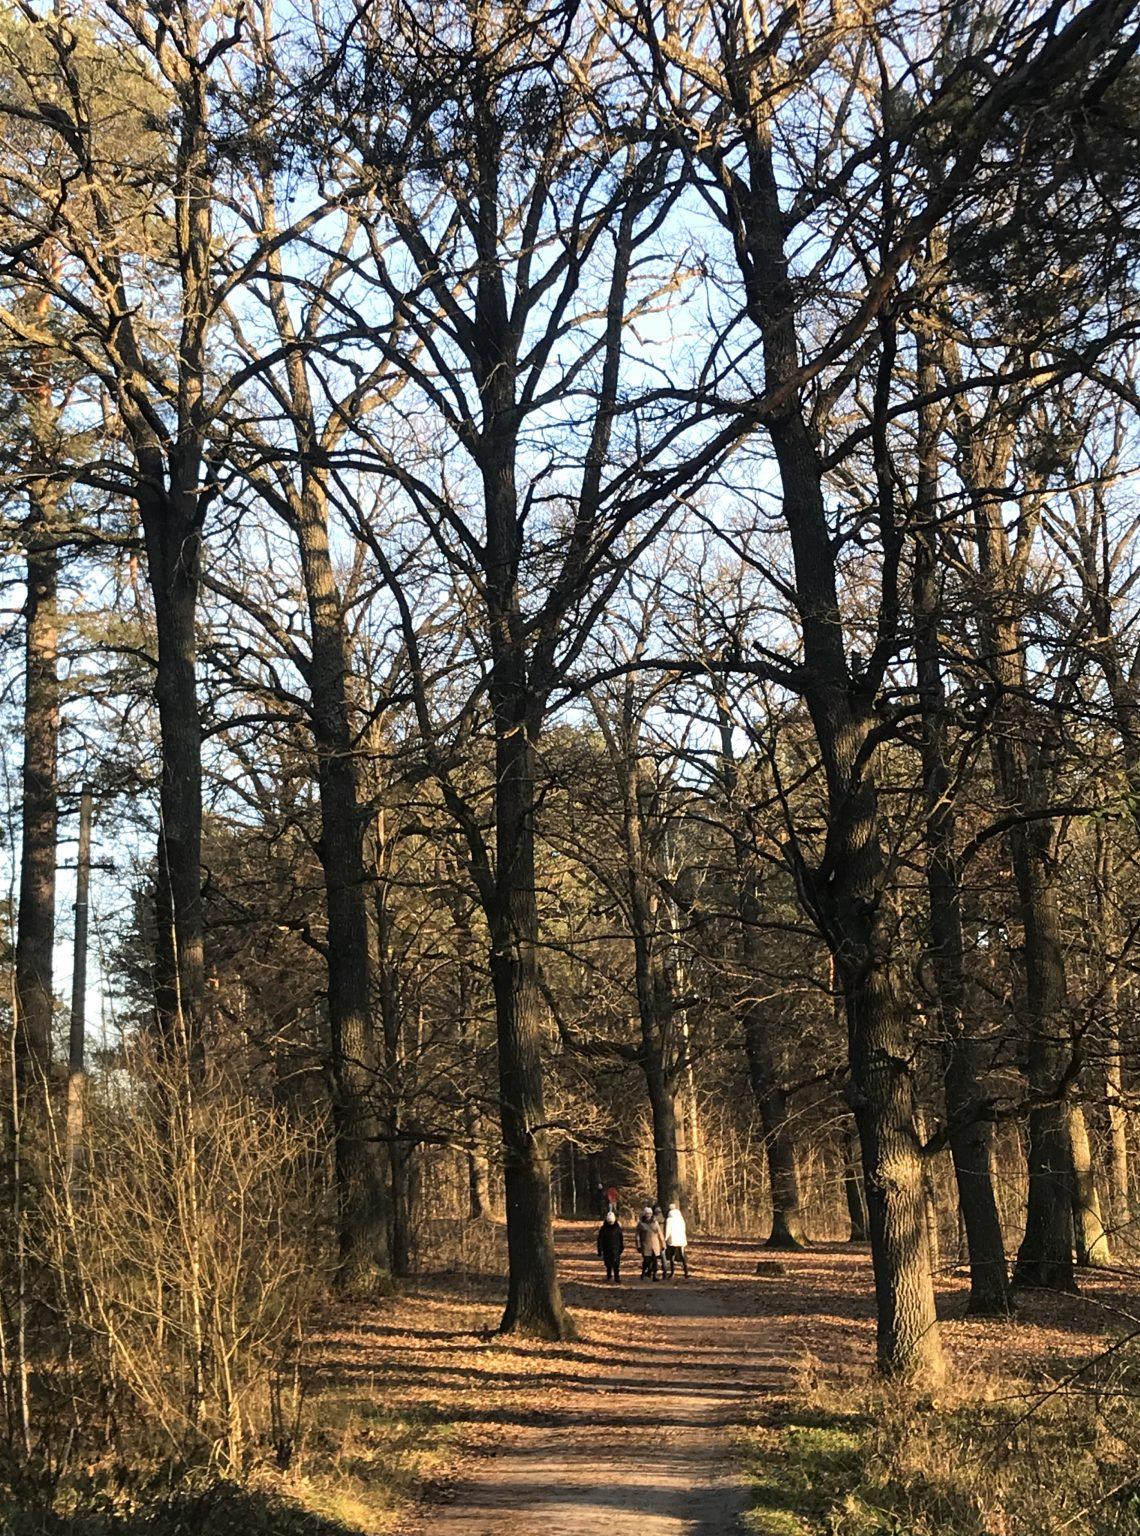 Лист у редакцію: прокурори та співробітники СБУ розікрали землі оборони й  лісового фонду в Житомирській області